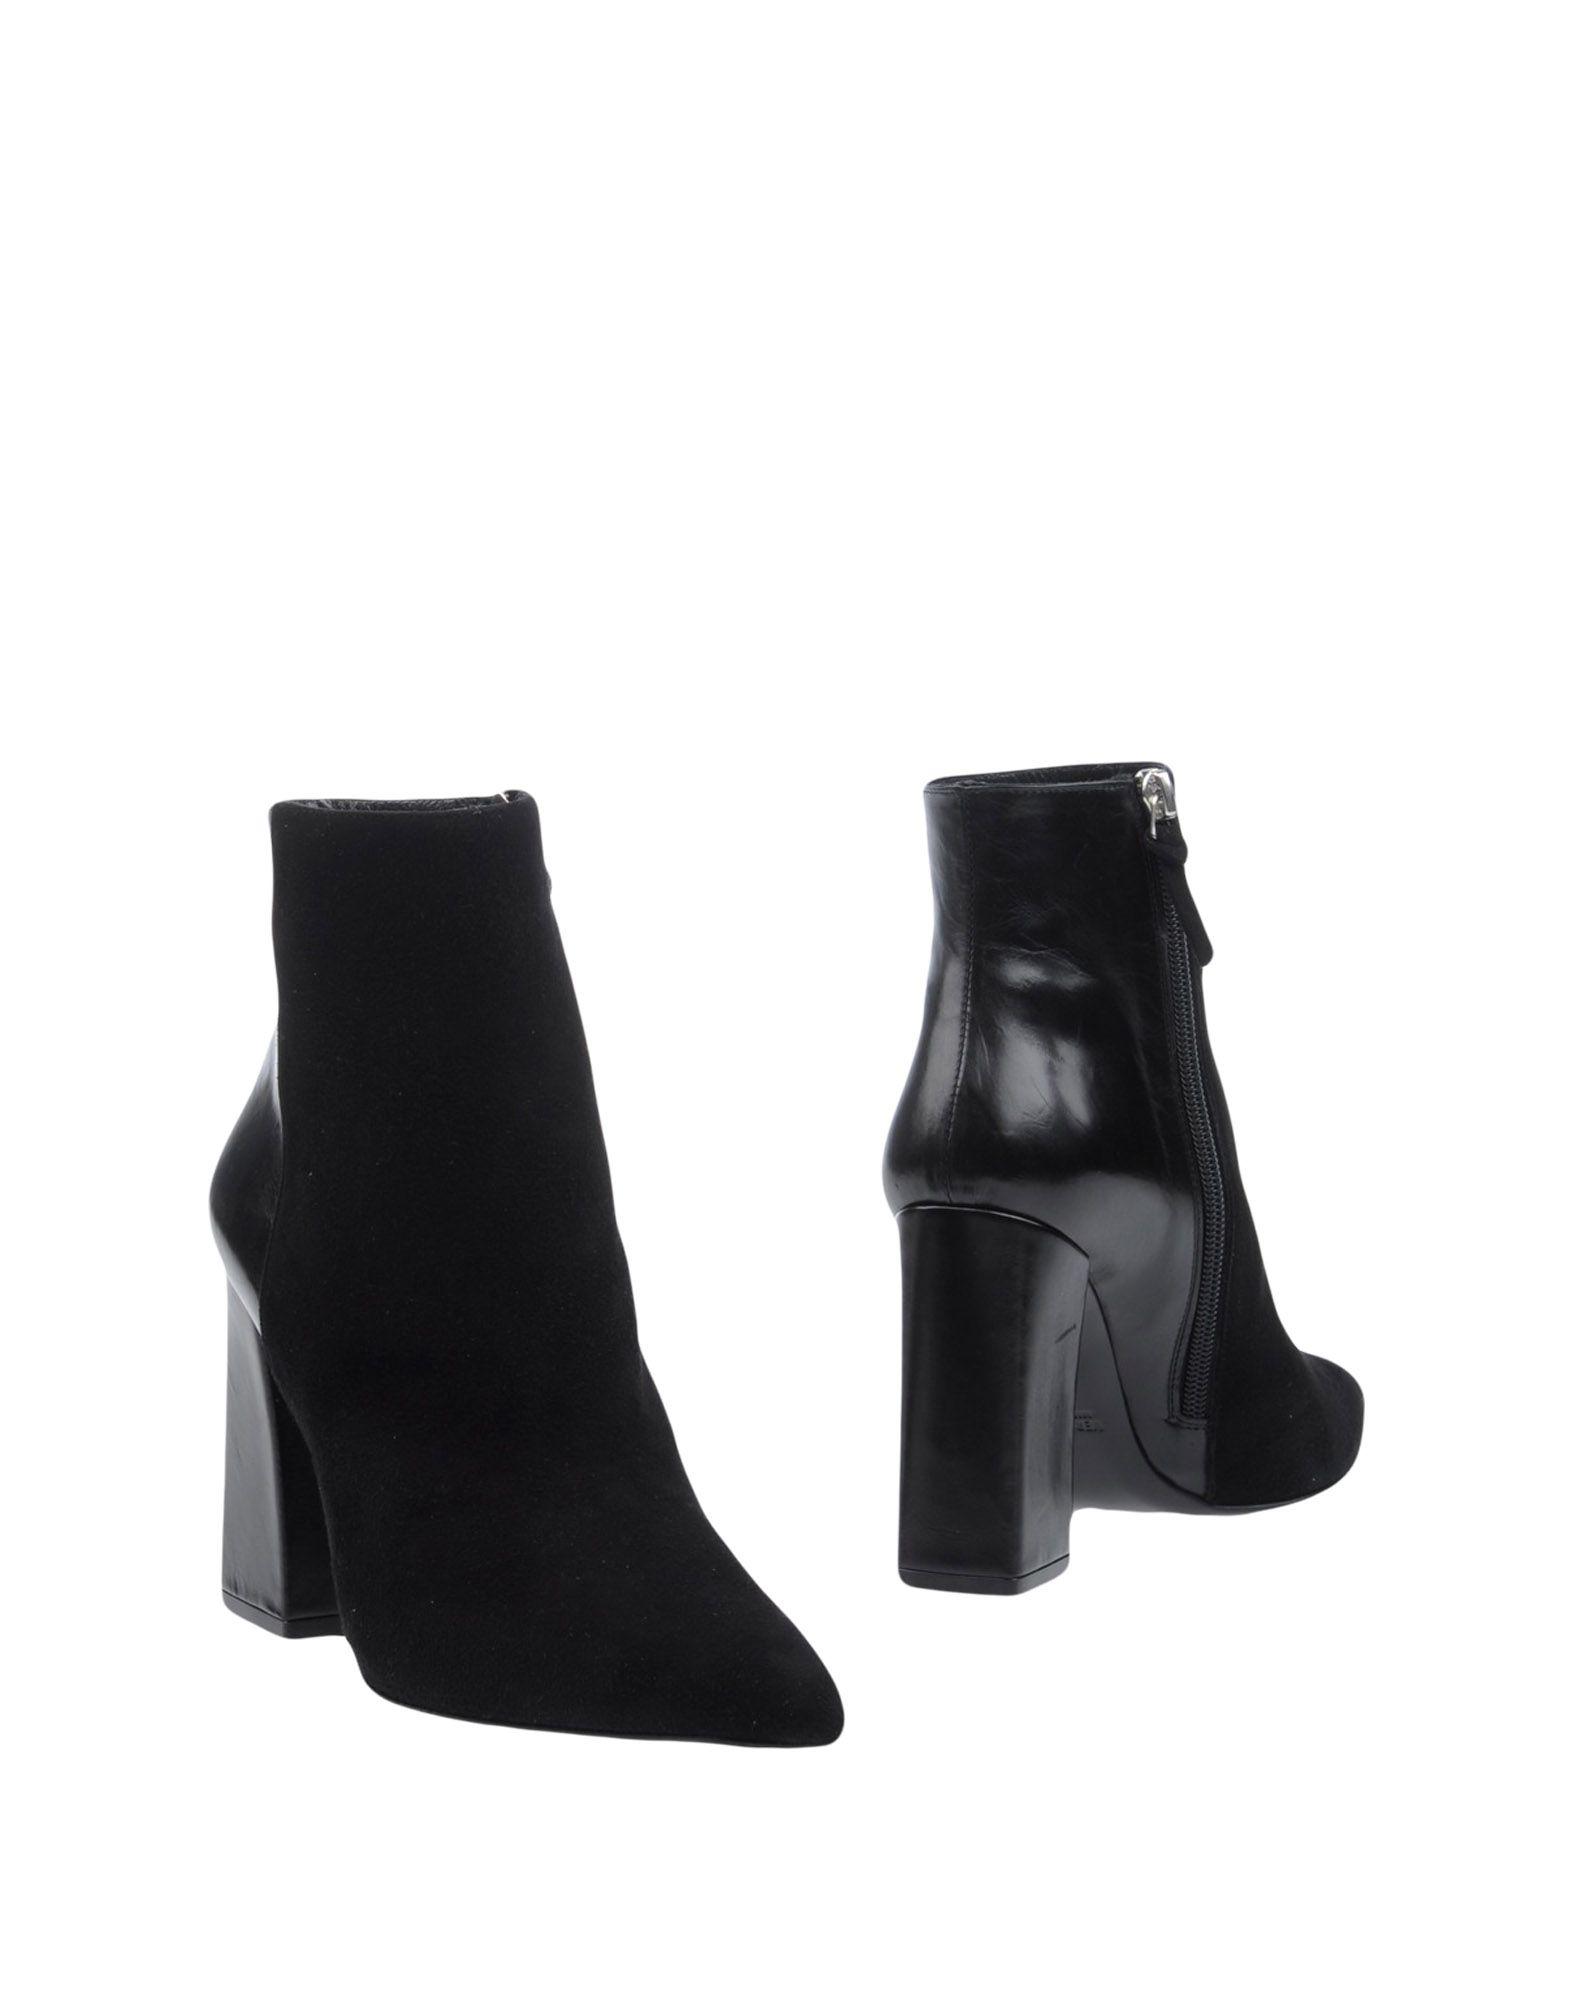 Festa Milano Stiefelette Damen  11248096KP Gute Qualität beliebte Schuhe